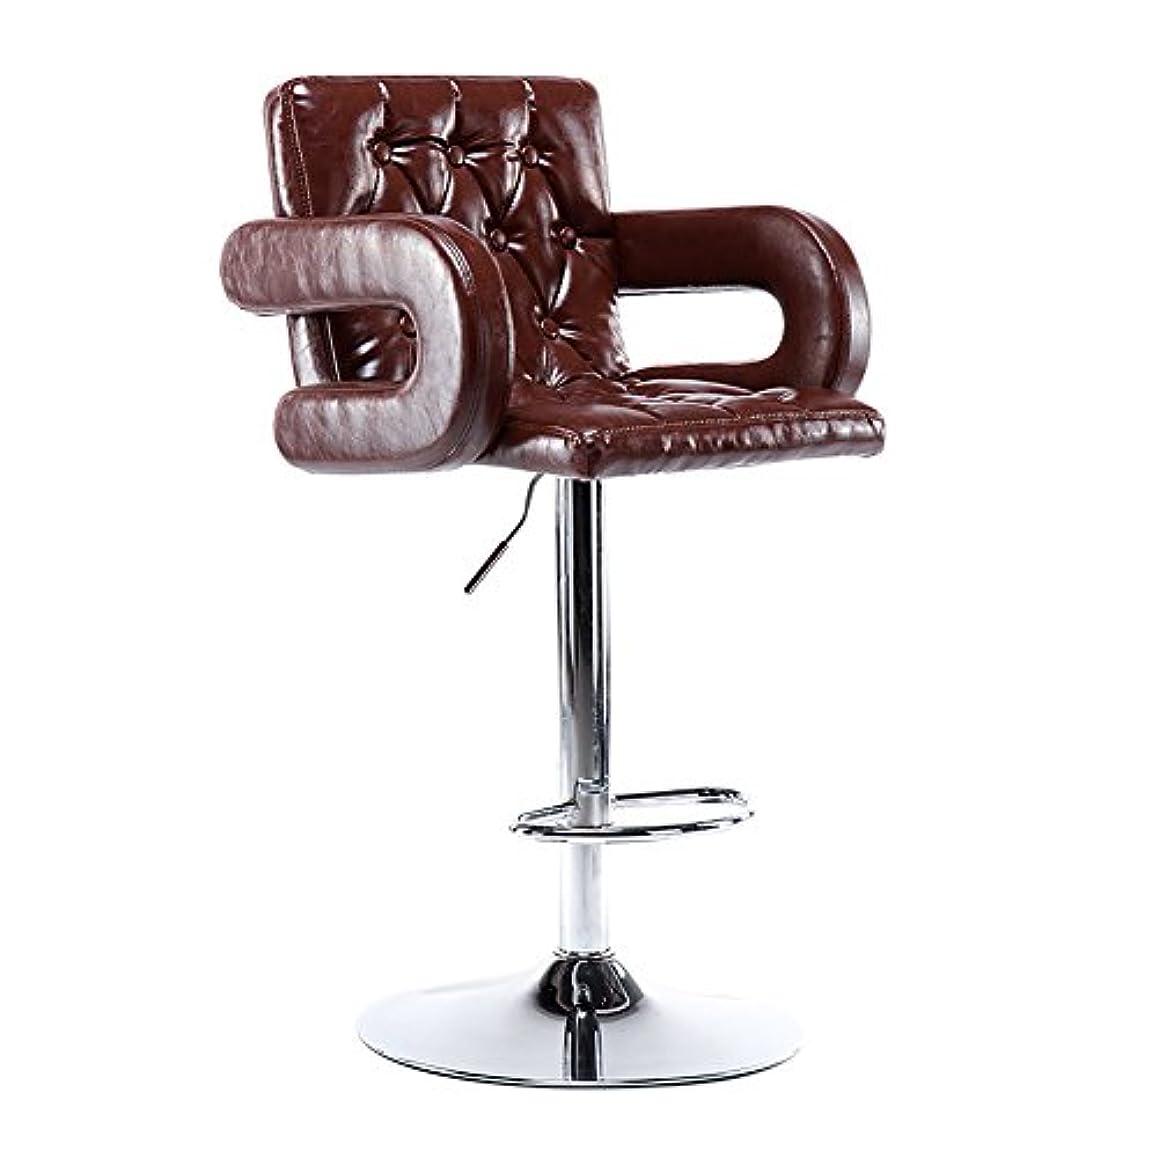 カーペット行方不明溶けた毎日の家 多機能スイベルチェア、美容ローラースツール、調節可能な高さ、ホイール付き、360度回転、快適な椅子、アームレスト付き、最大荷重150kg (色 : ブラウン-2, サイズ さいず : BEST)